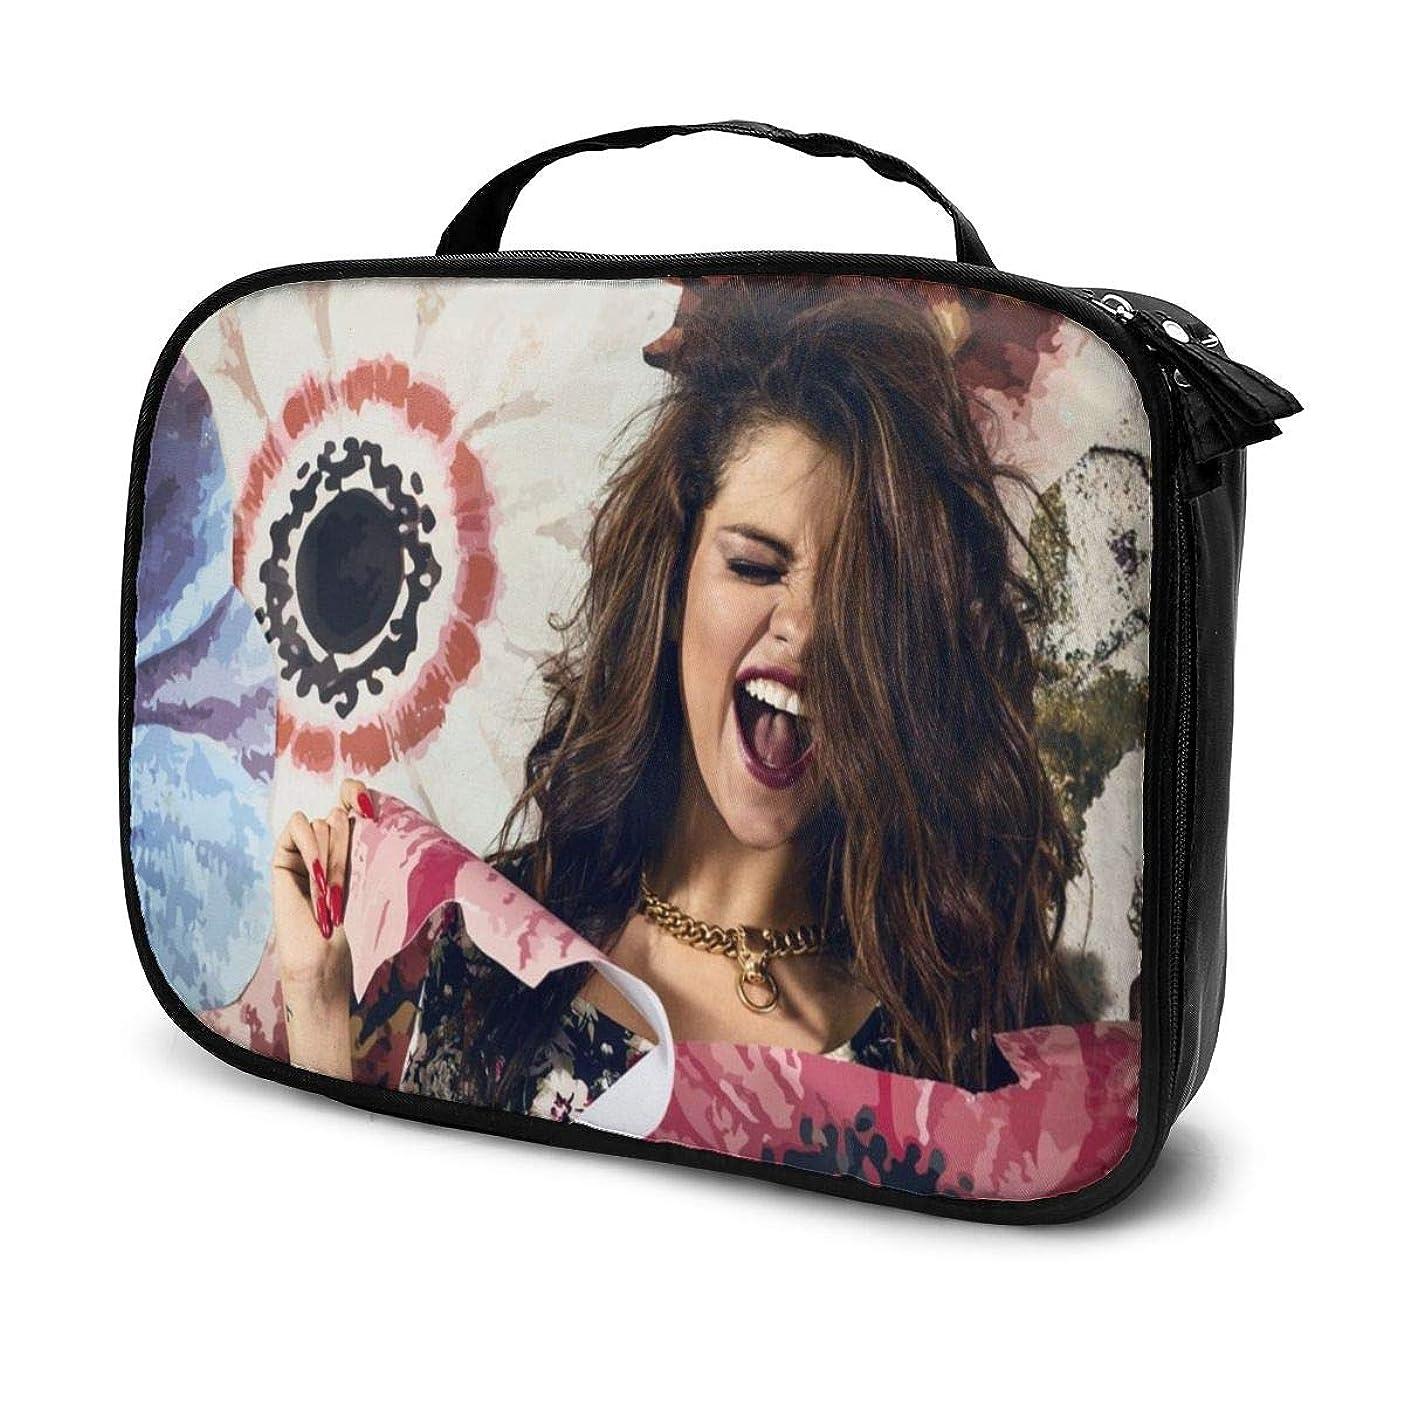 ビクター病的困難化粧ポーチ Selena Gomez 女性化粧品バッグ ビューティー メイク道具 フェイスケアツール 化粧ポーチメイクボックス ホーム、旅行、ショッピング、ショッピング